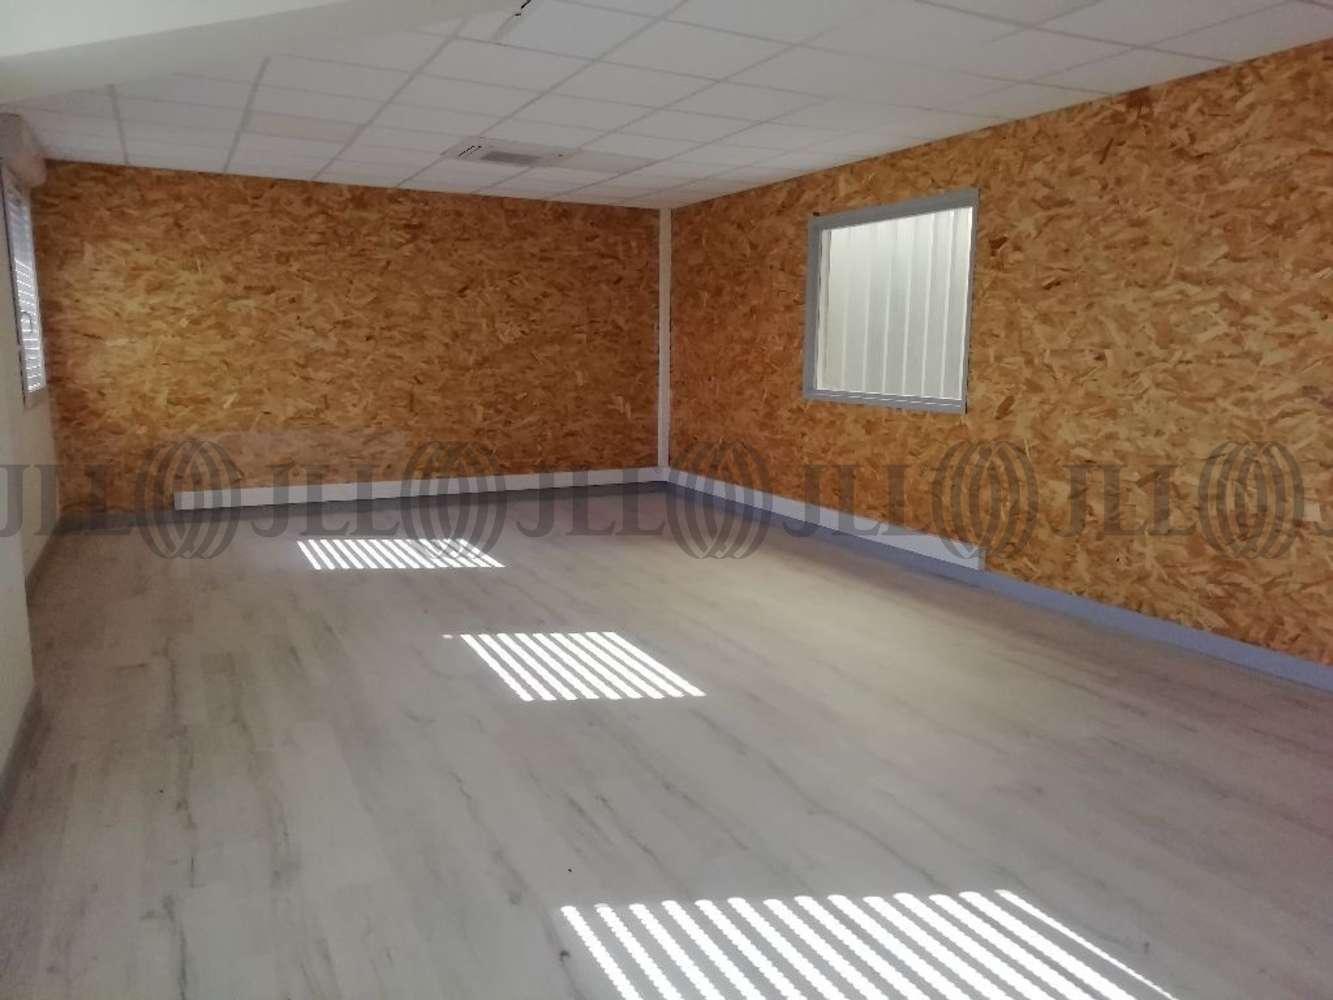 Activités/entrepôt St pierre de chandieu, 69780 - Location locaux d'activité - Rhône (69) - 10855157